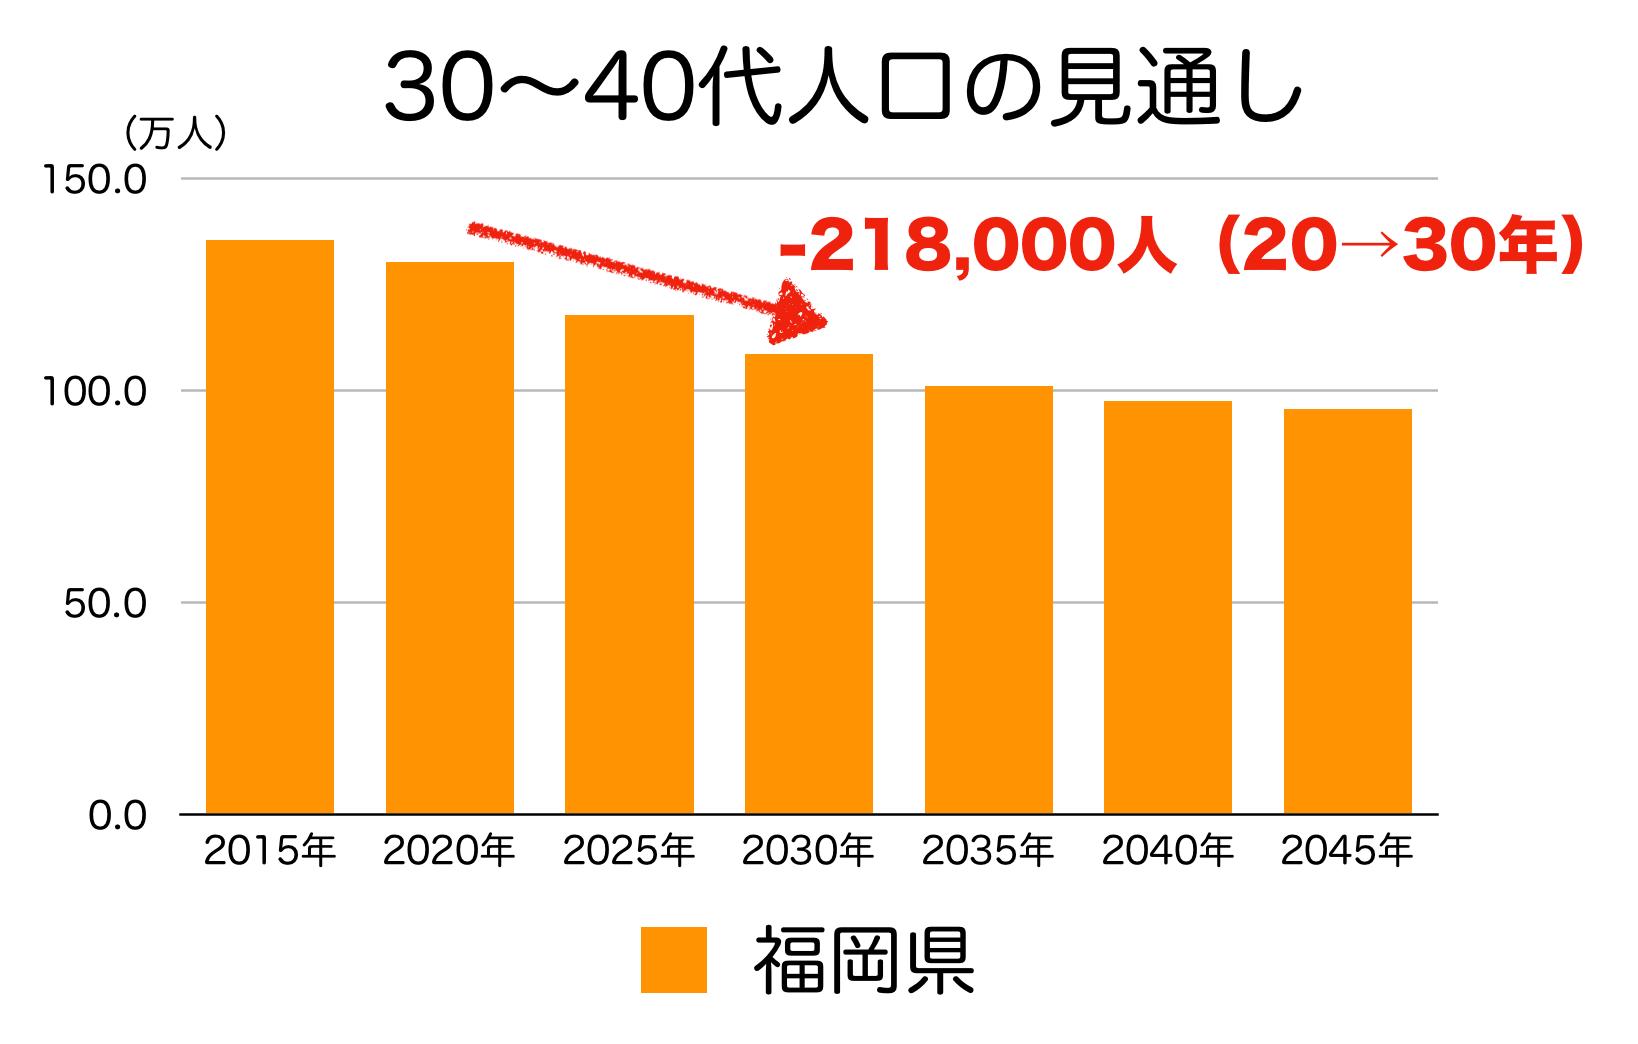 福岡県の30〜40代人口の予測